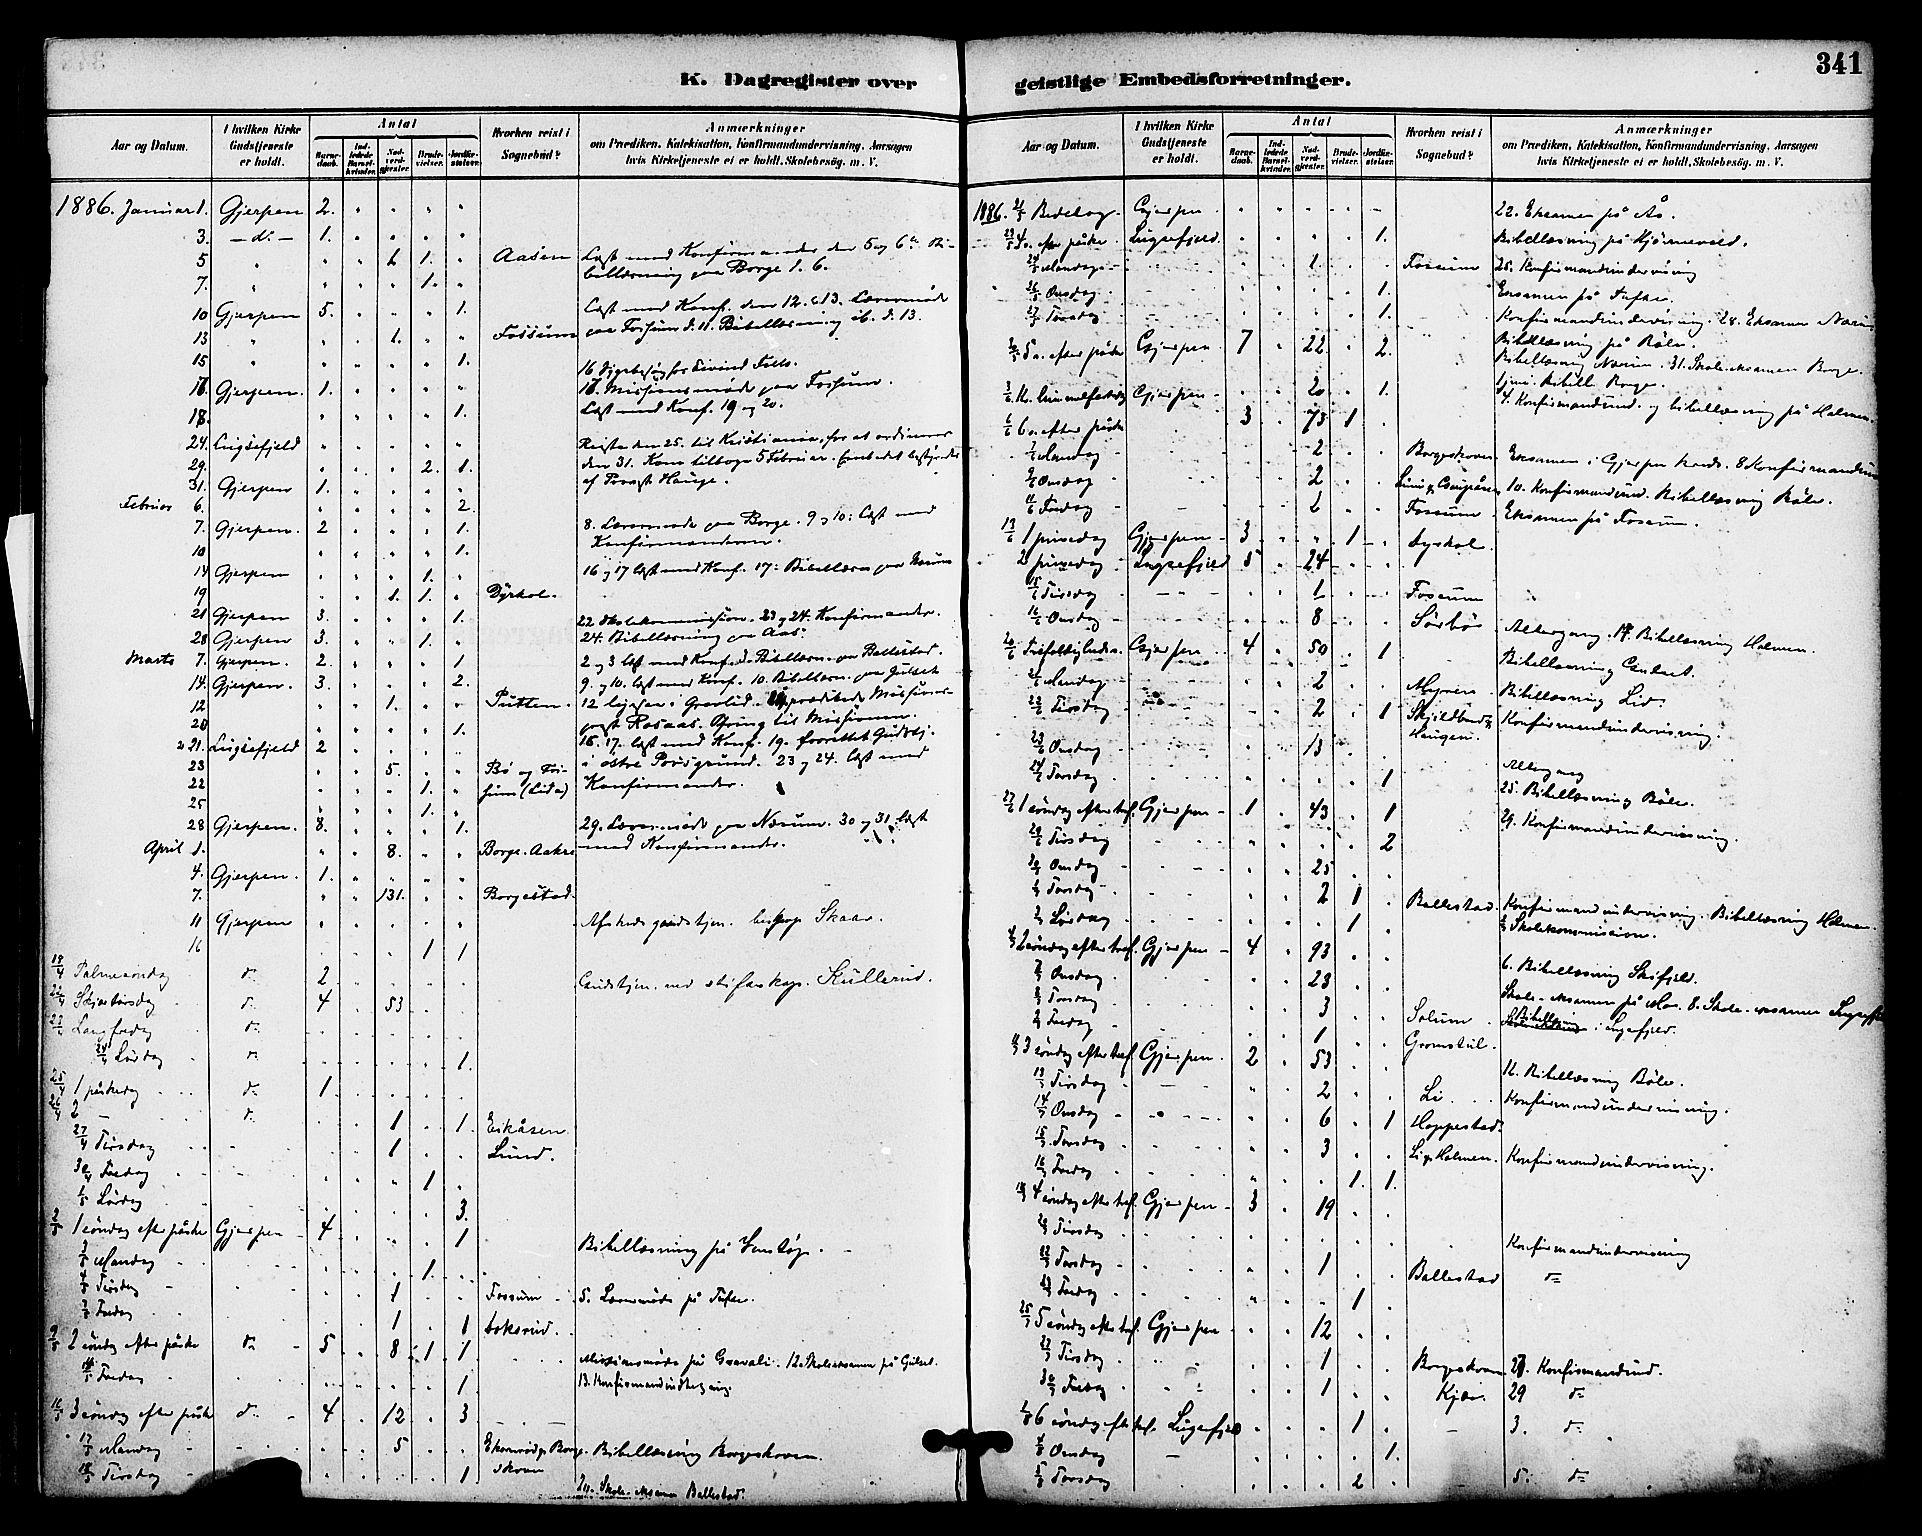 SAKO, Gjerpen kirkebøker, F/Fa/L0010: Ministerialbok nr. 10, 1886-1895, s. 341